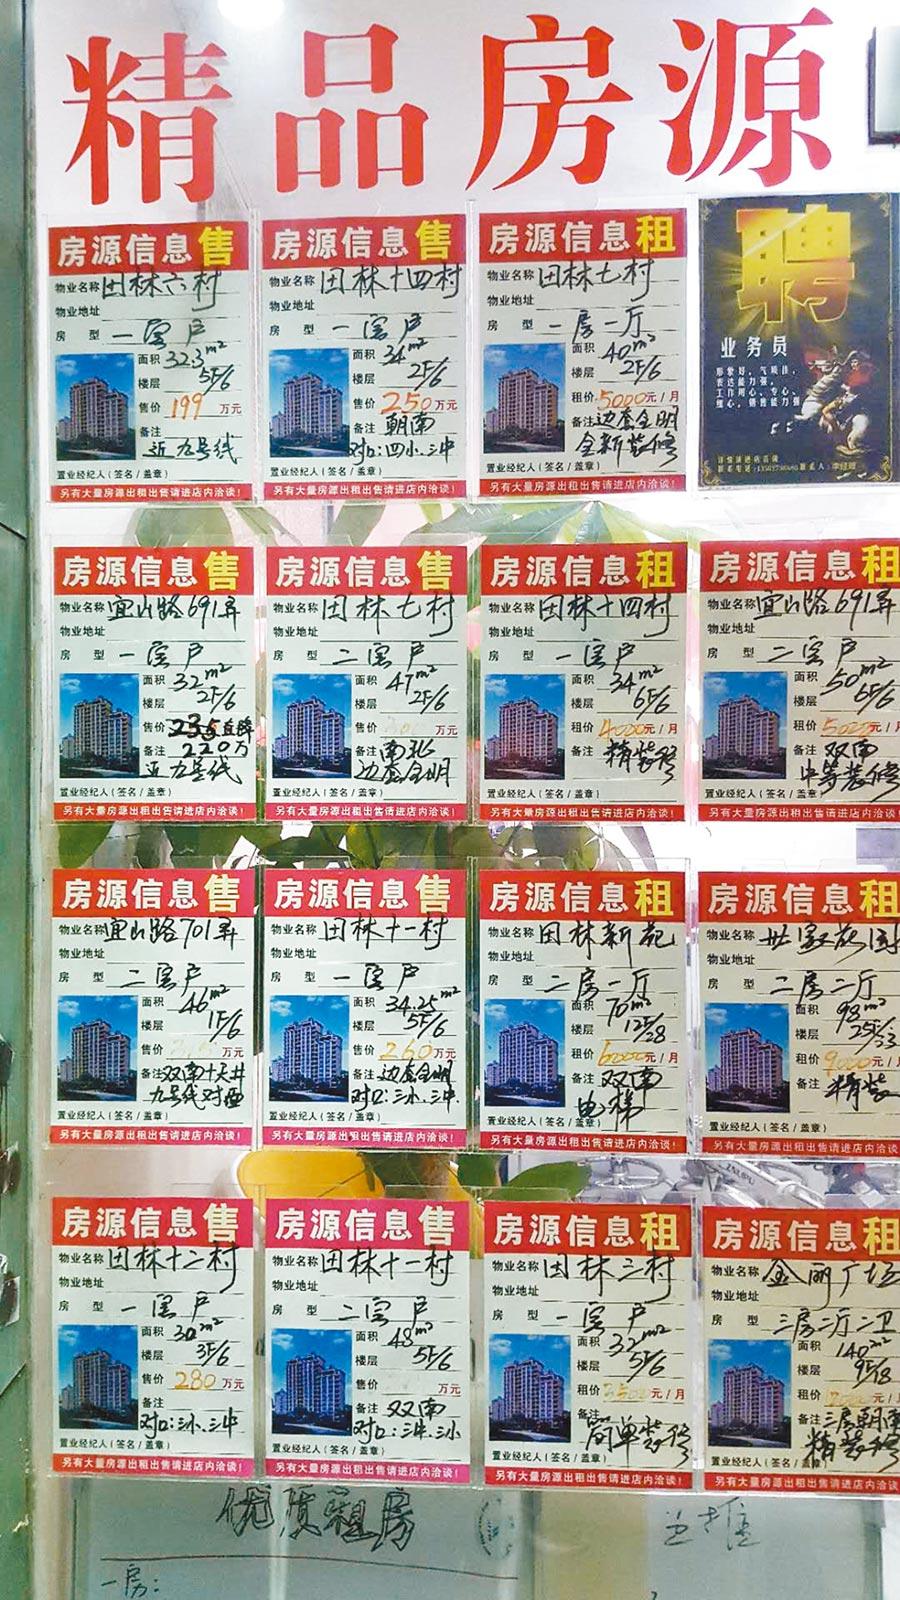 上海徐匯區宜山路附近約10坪(34平方公尺)的一房戶,月租金要價4000元人民幣。(記者葉文義攝)